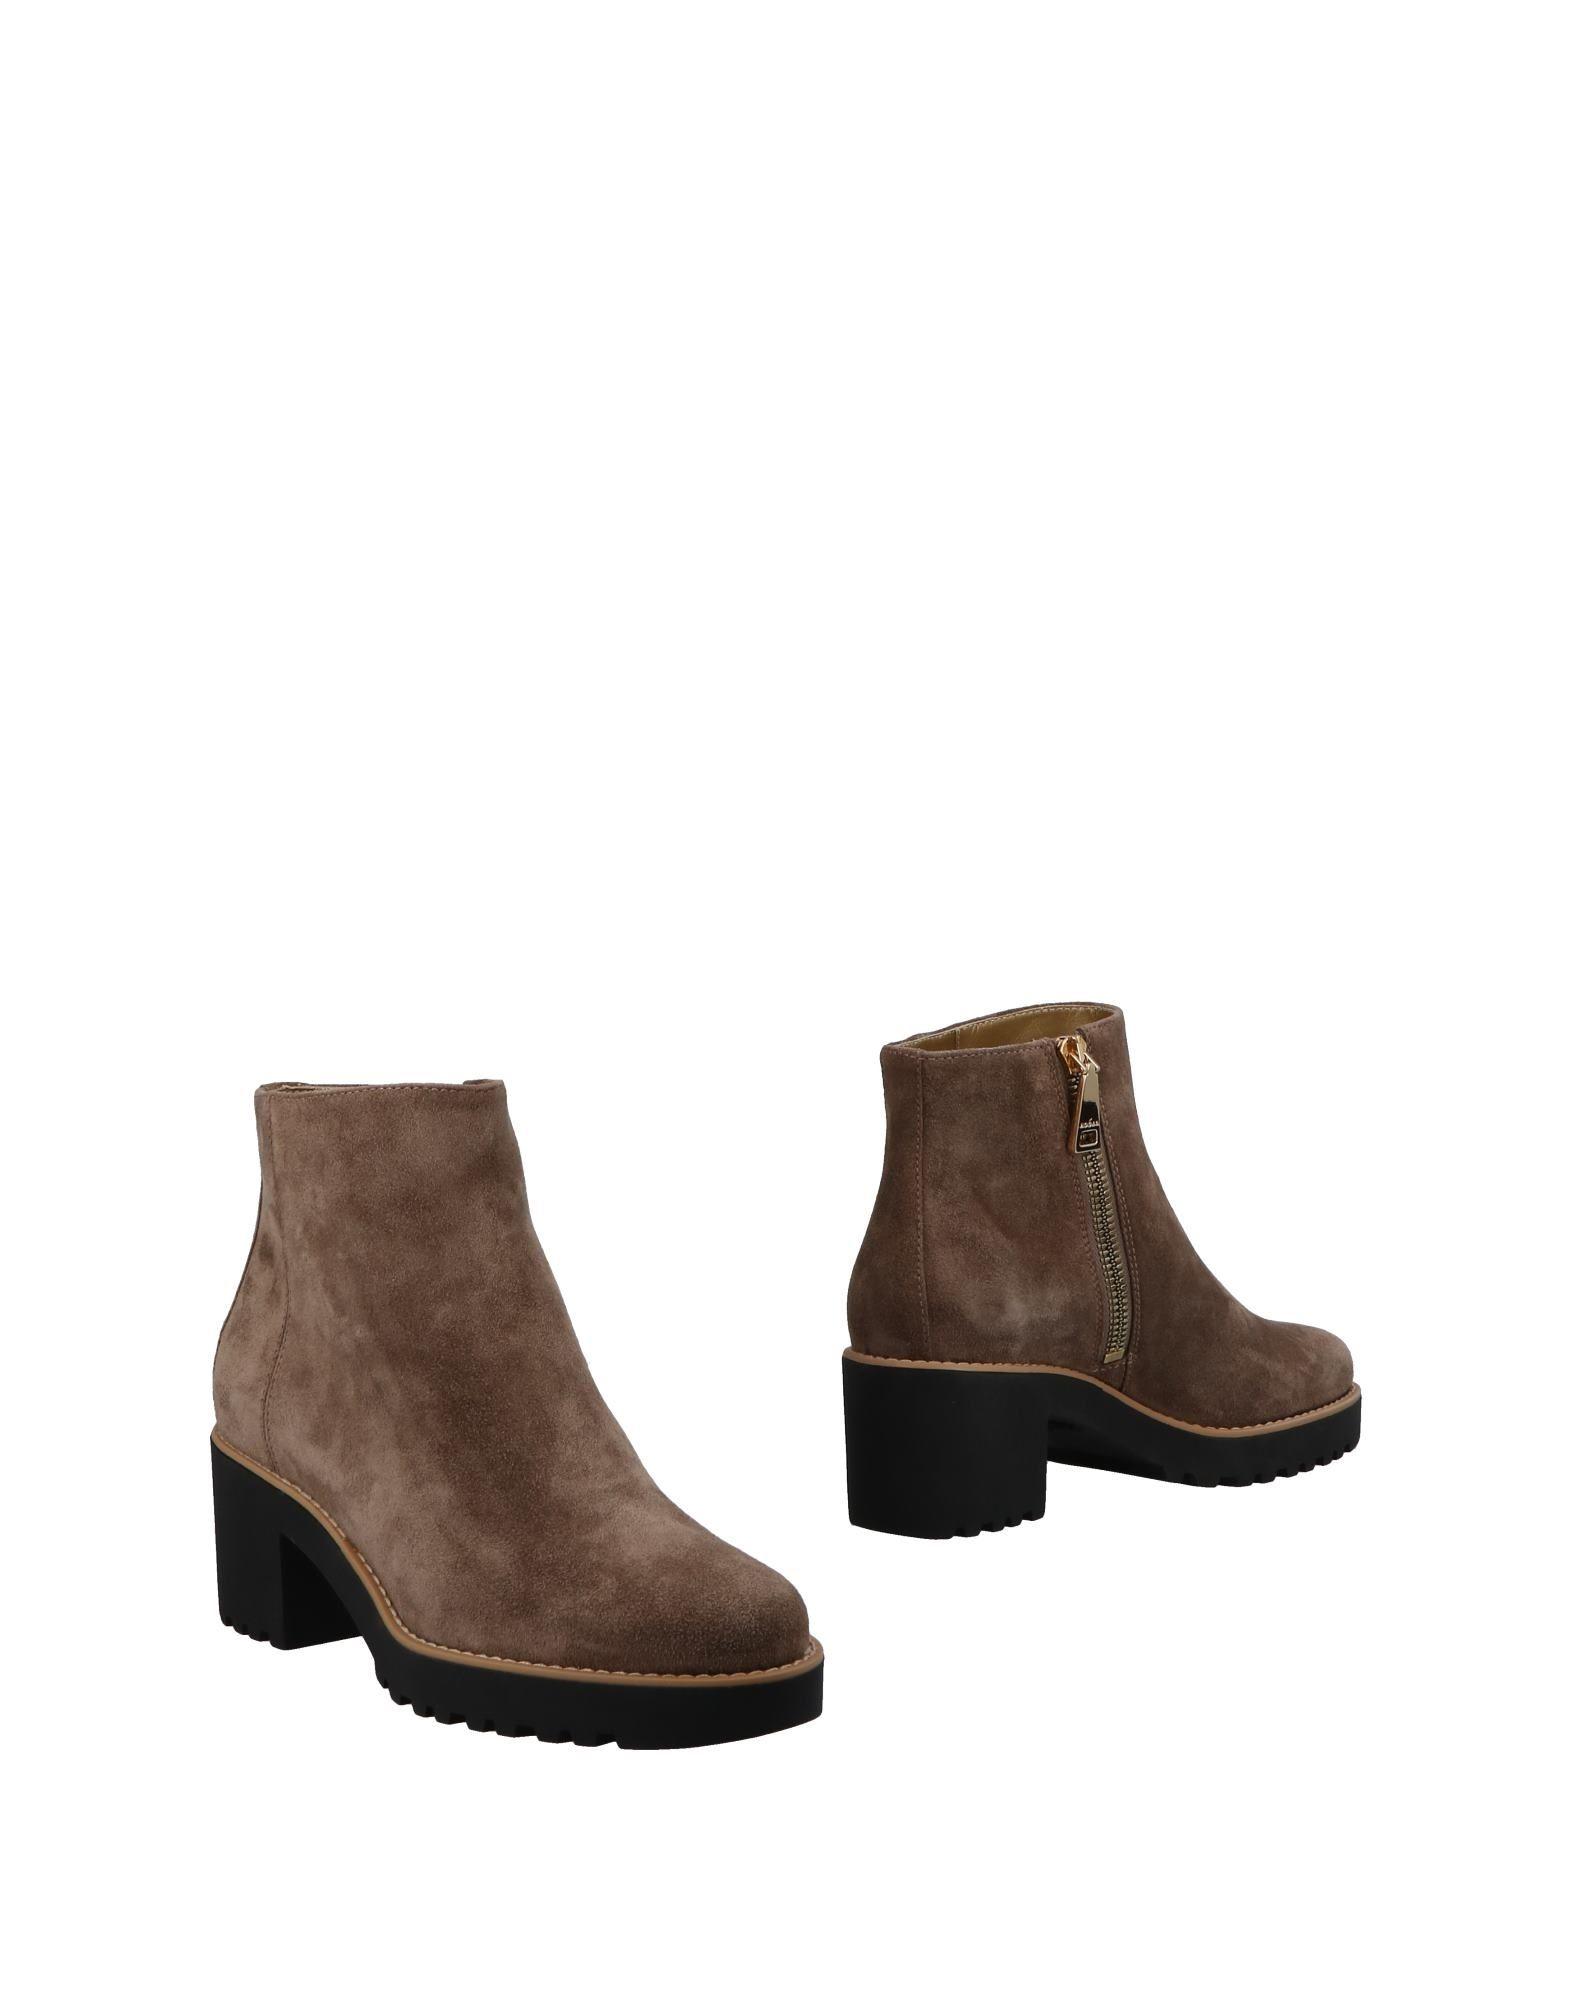 Haltbare Mode billige Schuhe Hogan Stiefelette Damen  11232044VU Heiße Schuhe